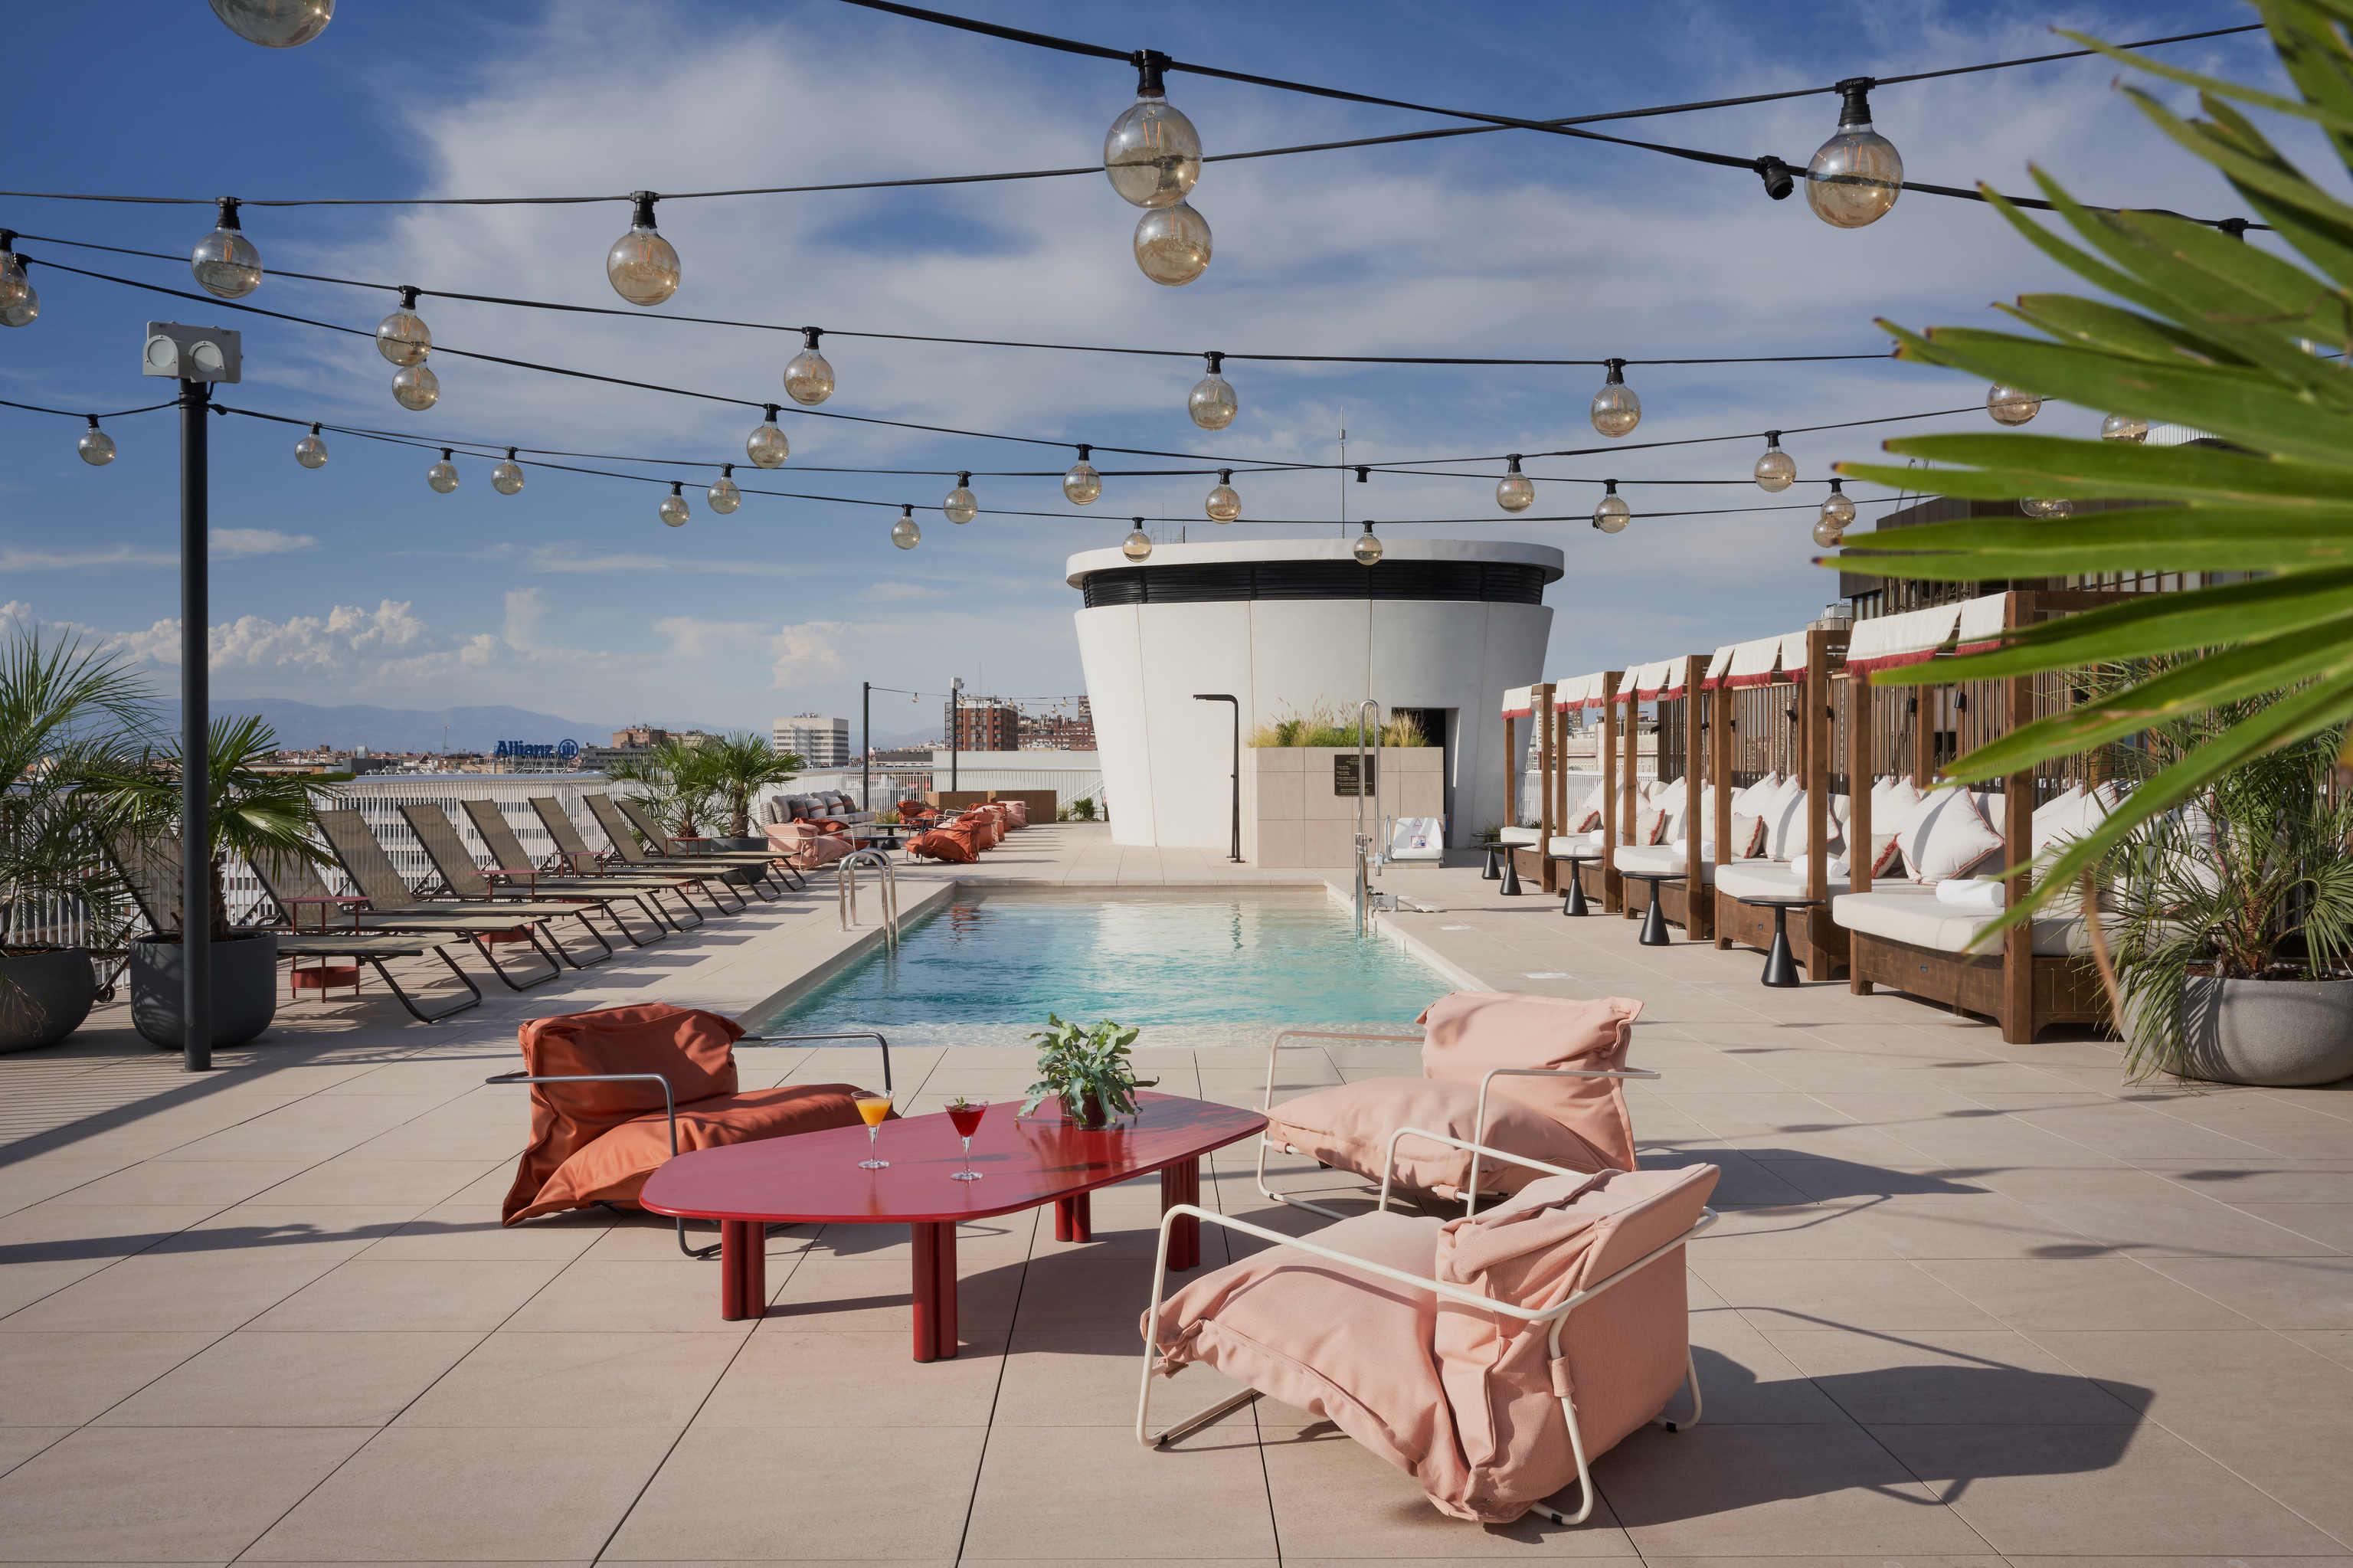 La piscina es de uso exclusivo de los huéspedes y mira al 'business center'.